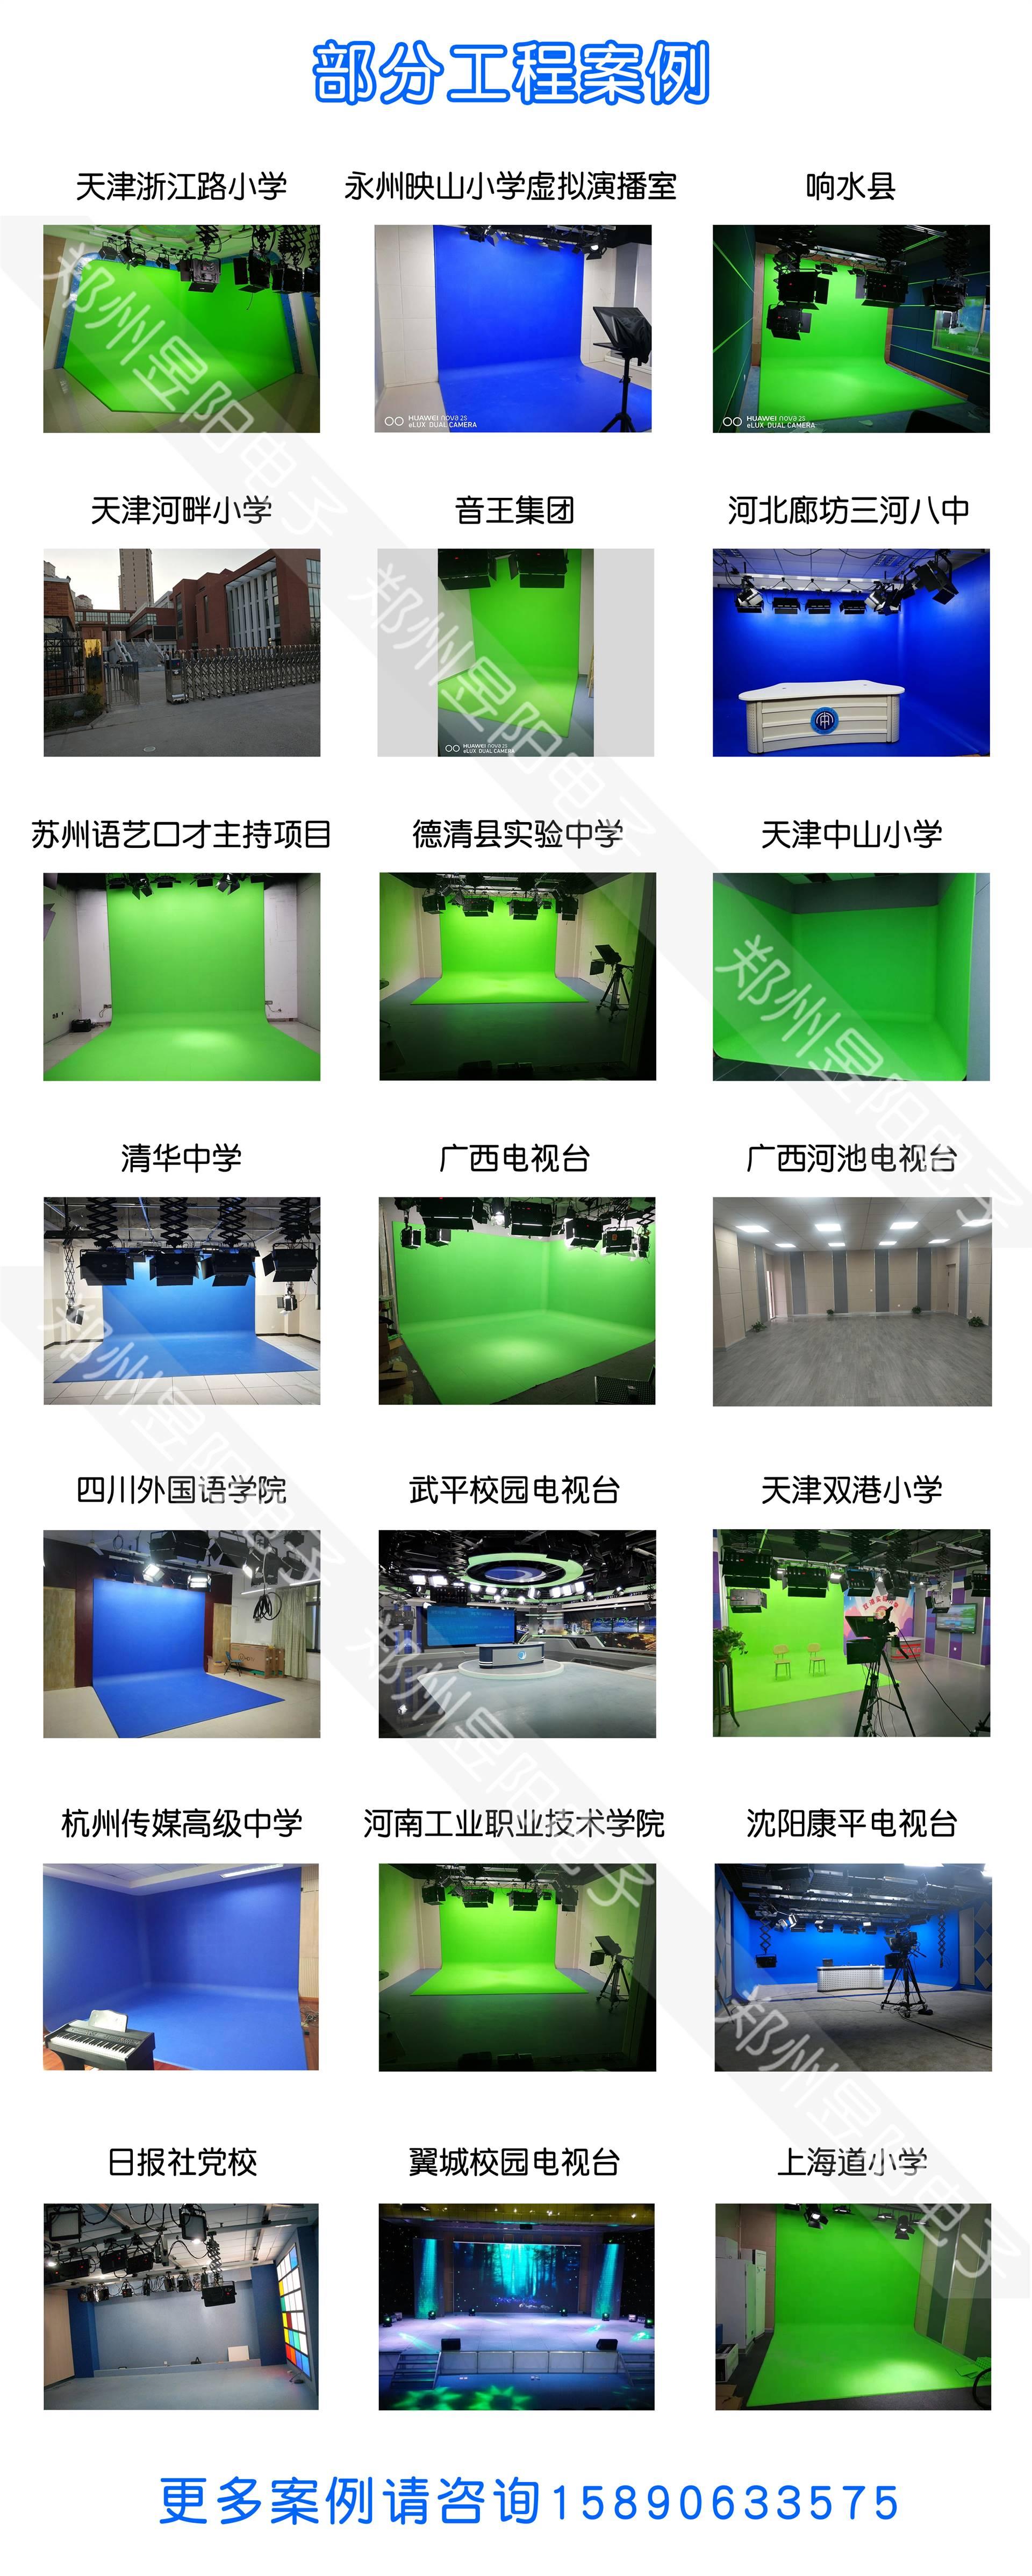 虚拟演播室工程(图3)